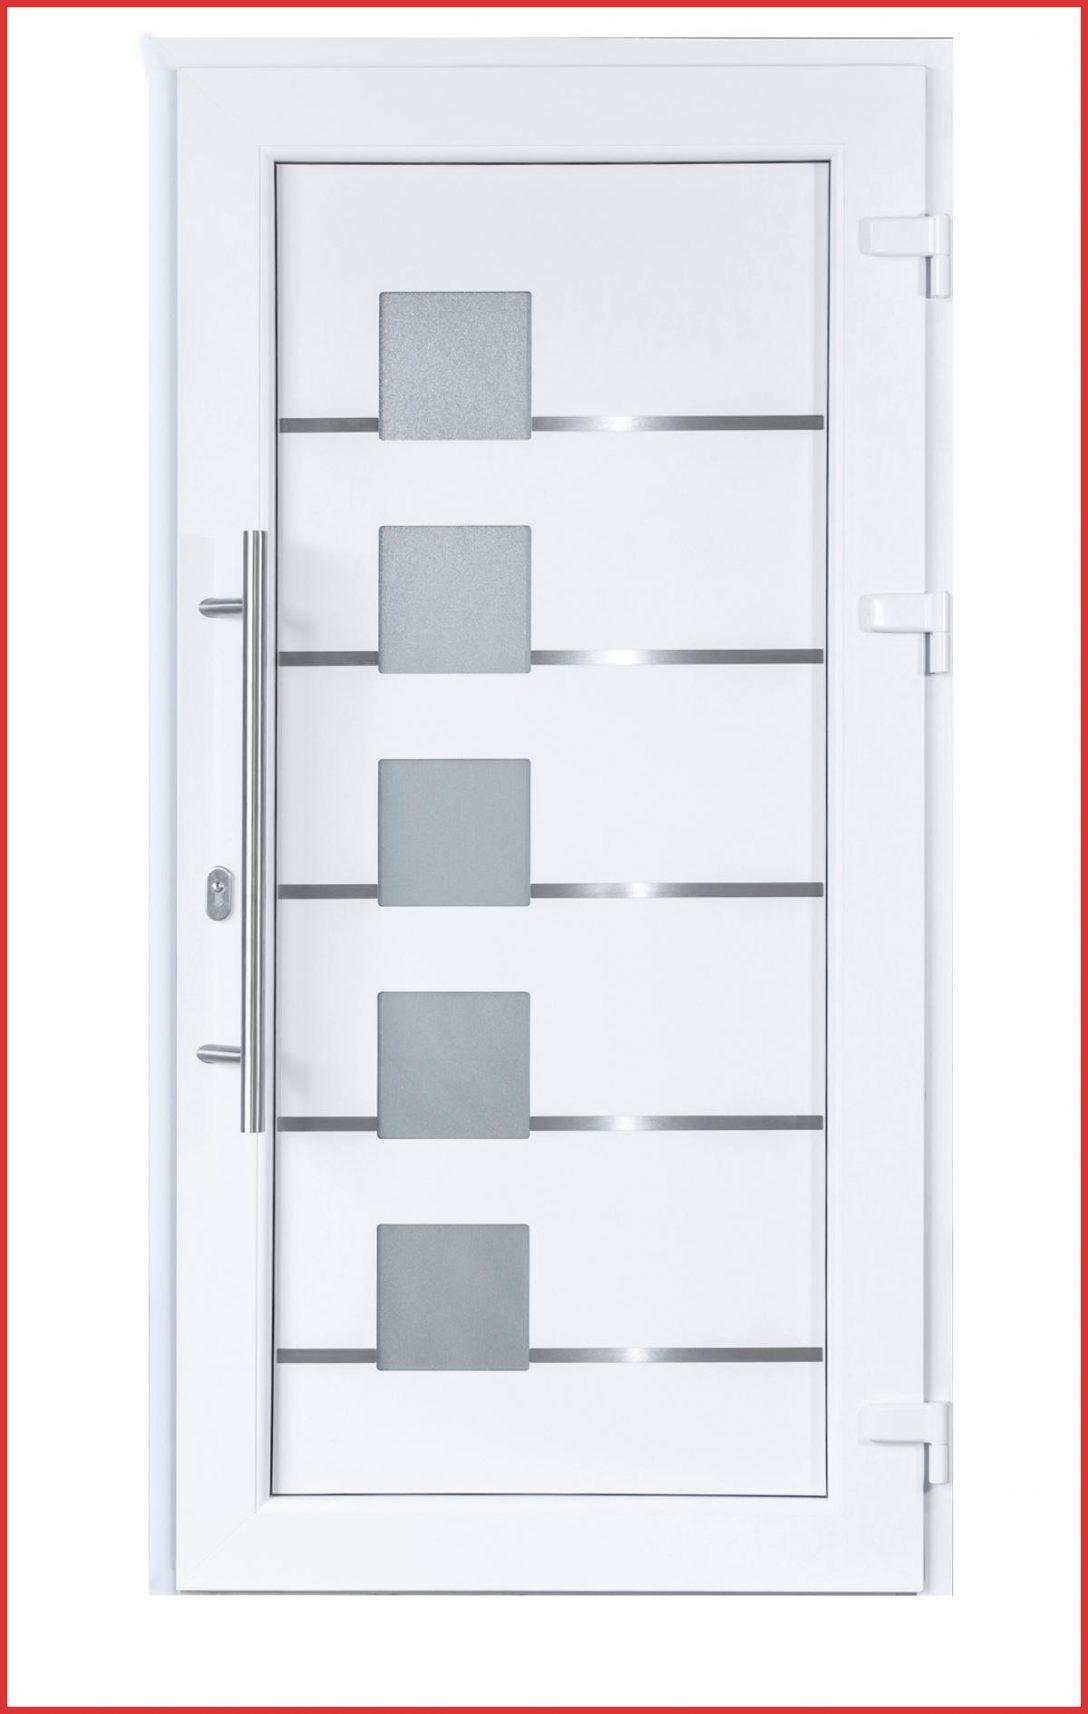 Large Size of Polen Fensterbauer Polnische Fensterhersteller Fenster Kaufen Online Mit Montage Suche Firma Polnischefenster 24 Einbau Fensterwelten Erfahrungen Fenster Polnische Fenster